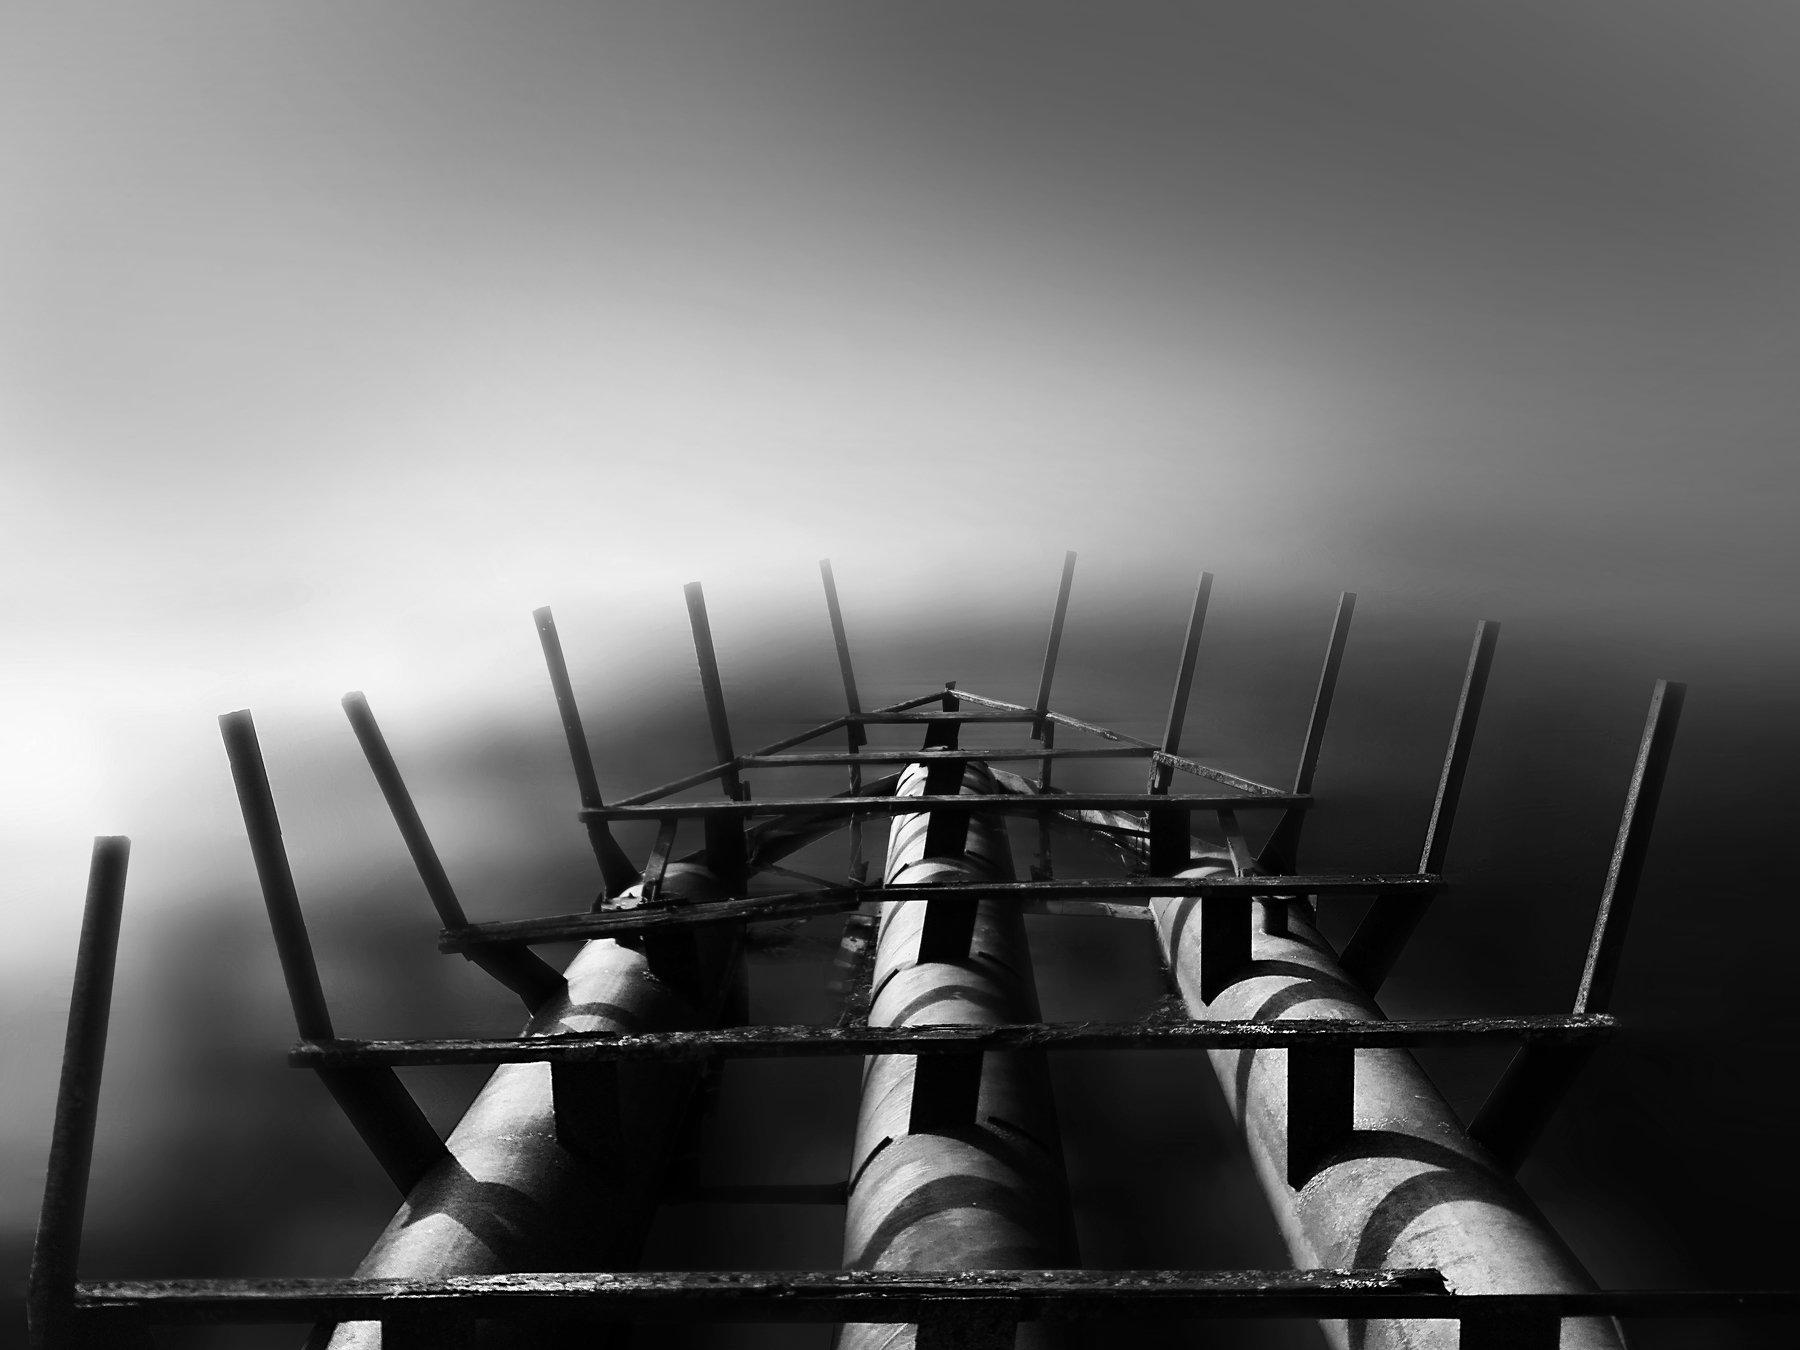 на берегу лосвидо, черно-белое, чб, черное и белое, выдержка, длинная выдержка, помолейко, on the shore of losvido,long exposure, black and white, bnw, b&w, pomoleyko, Павел Помолейко